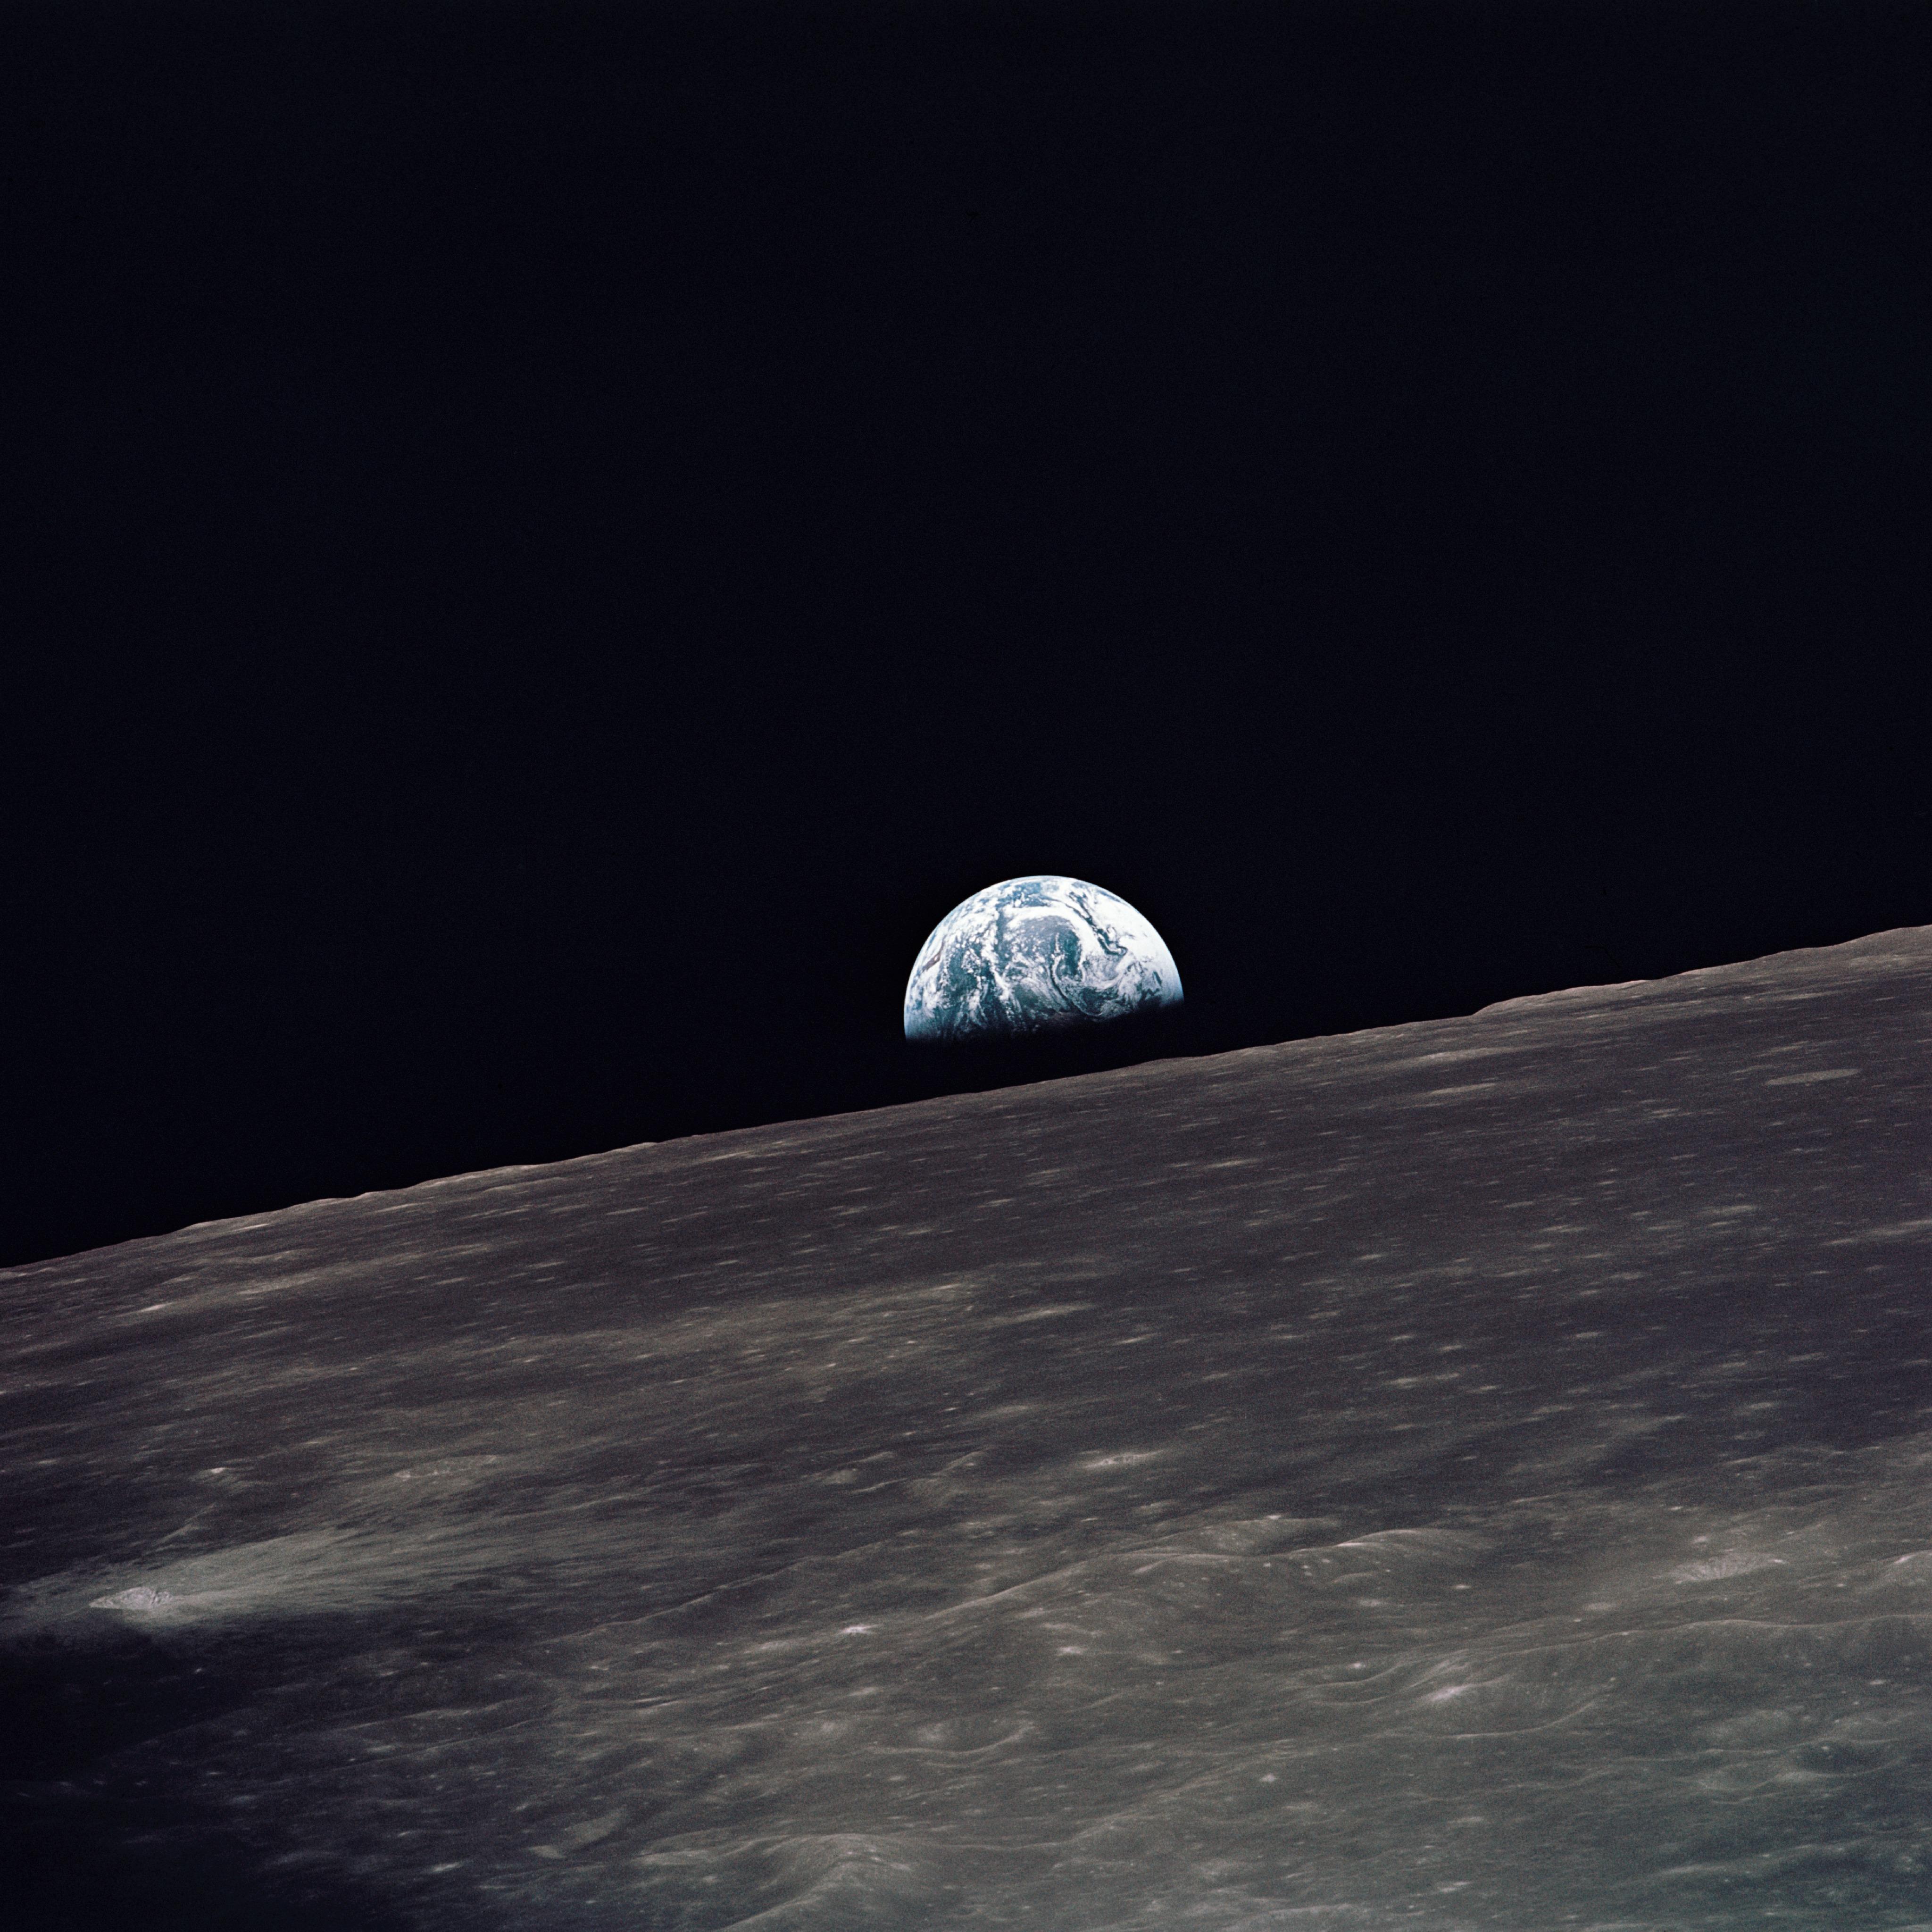 अपोलो १० द्वारा चन्द्रमा पर पृथ्वी उदय